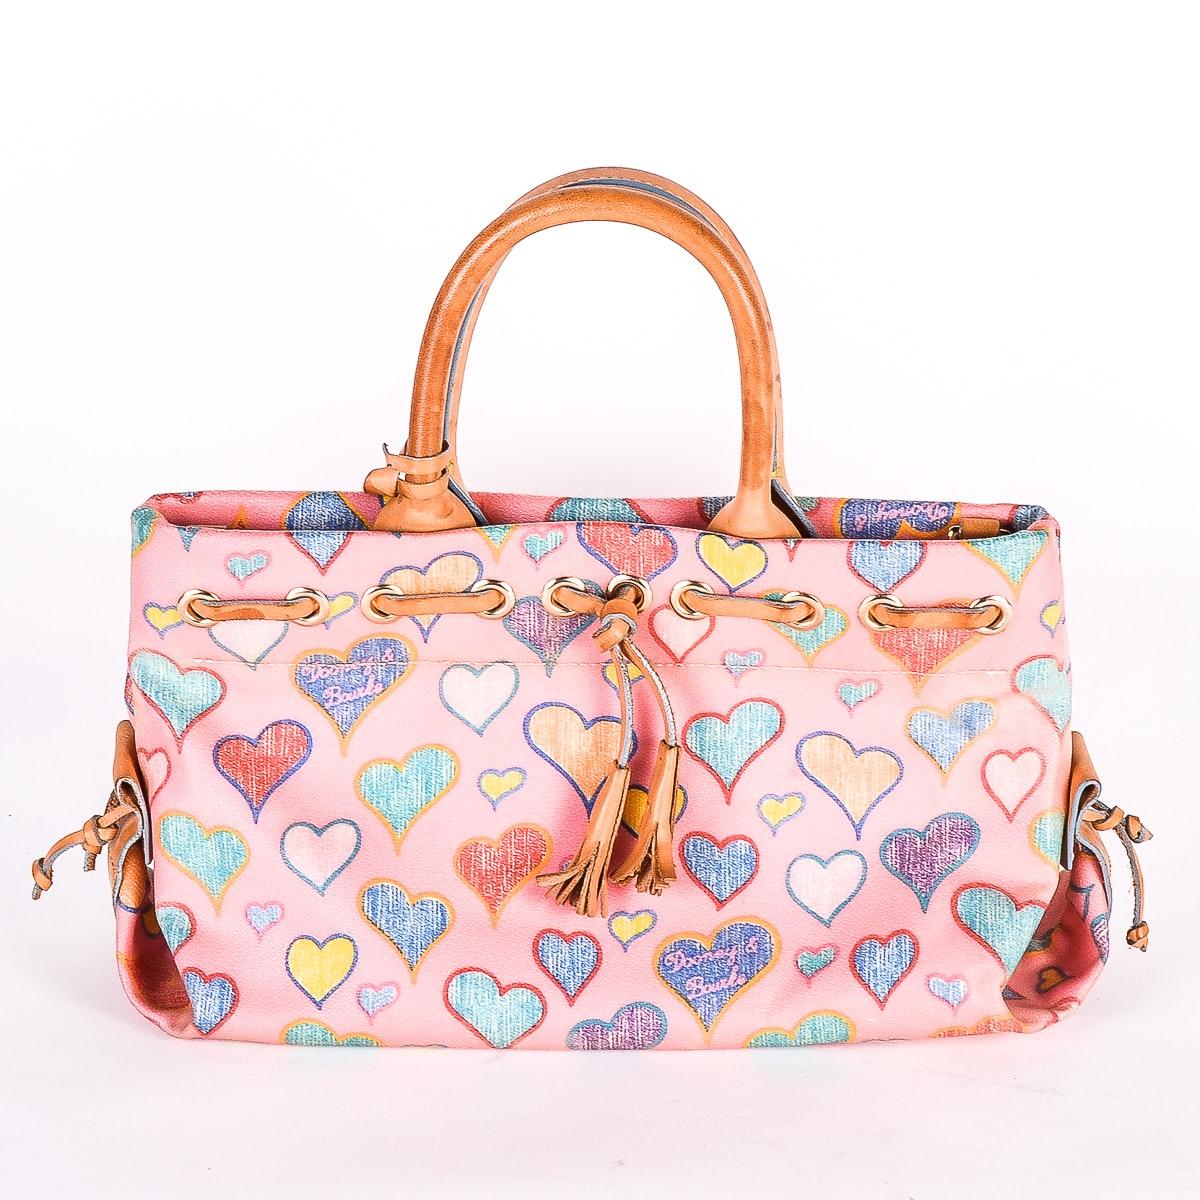 Dooney & Bourke Heart Tassel Bag